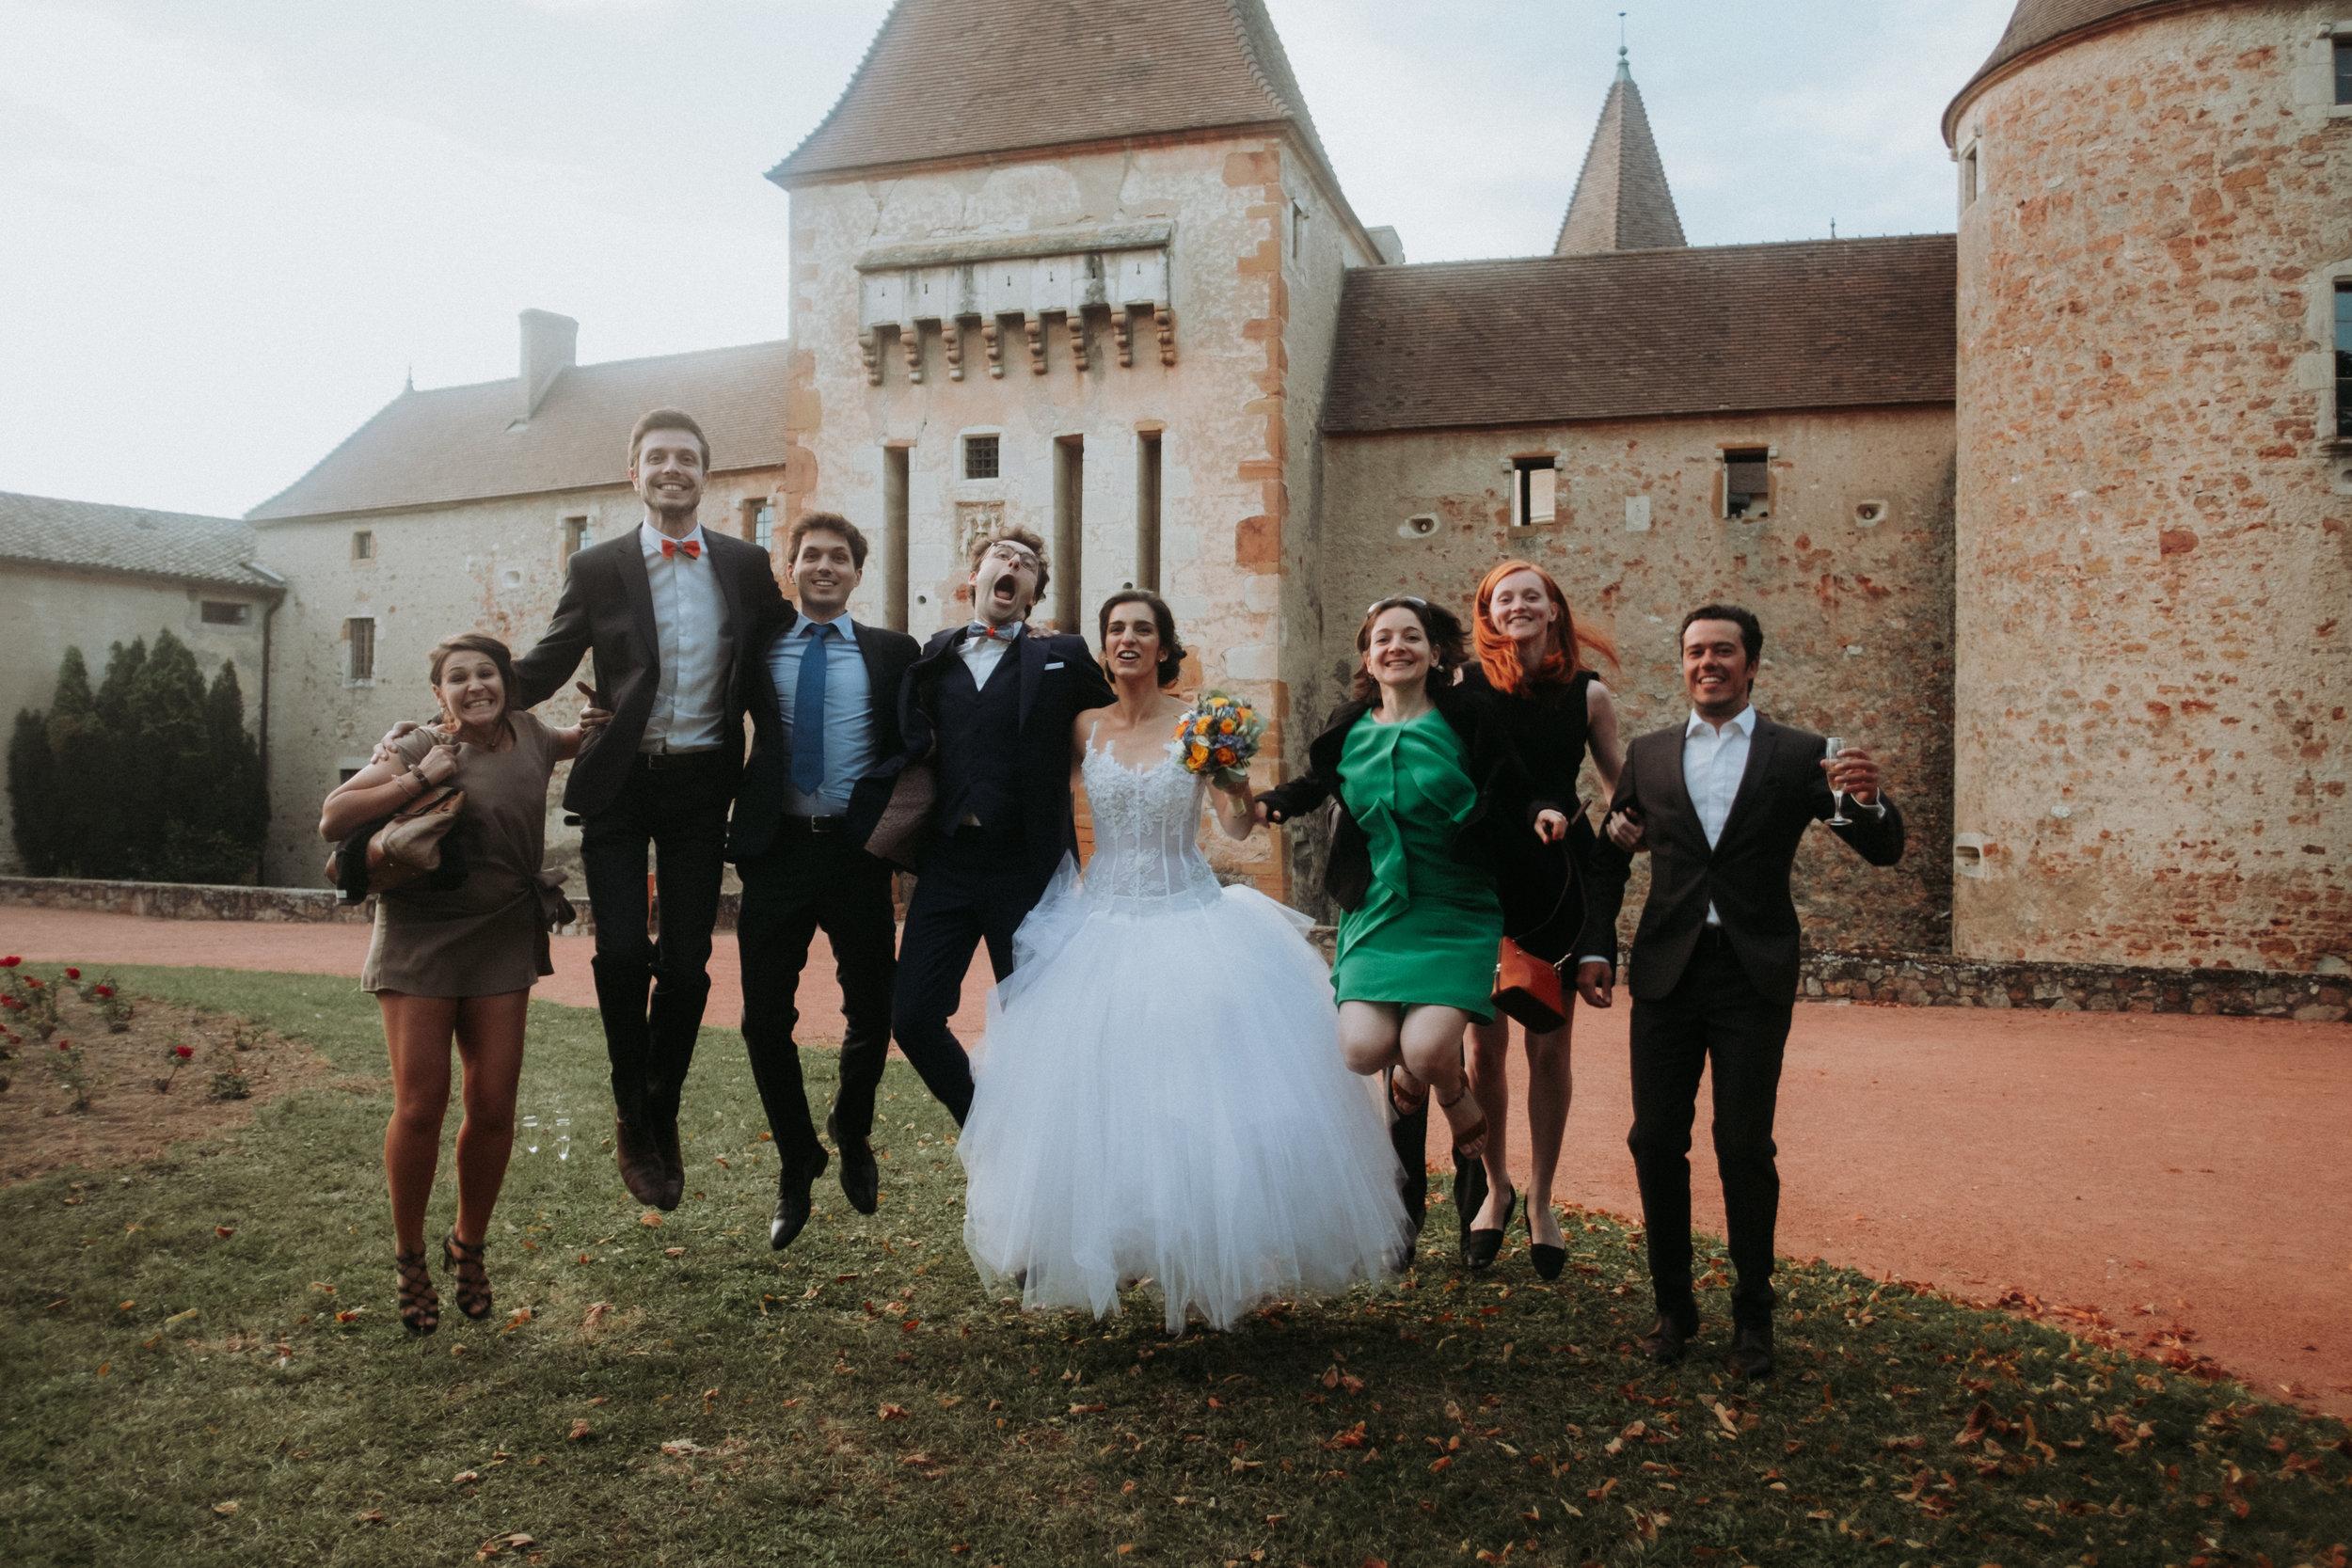 photographe-mariage-chateau-de-corcelles